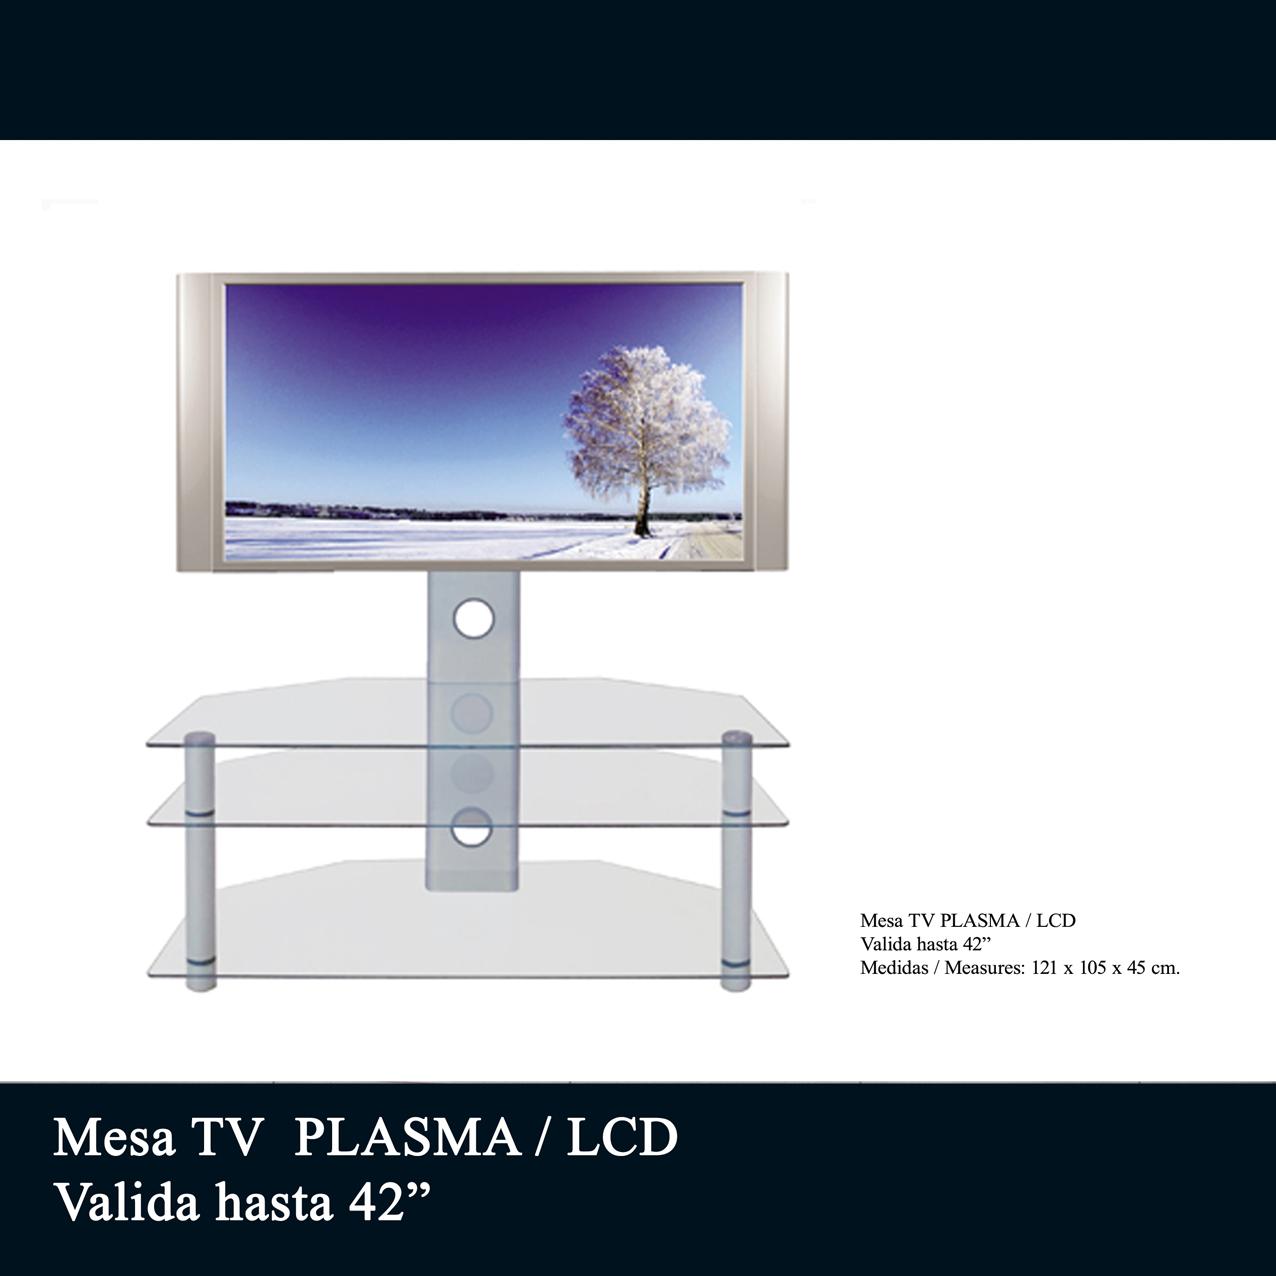 Mesas para tv plasma mesa mesa de tv de cristal mesa for Mesa tv 49 pulgadas